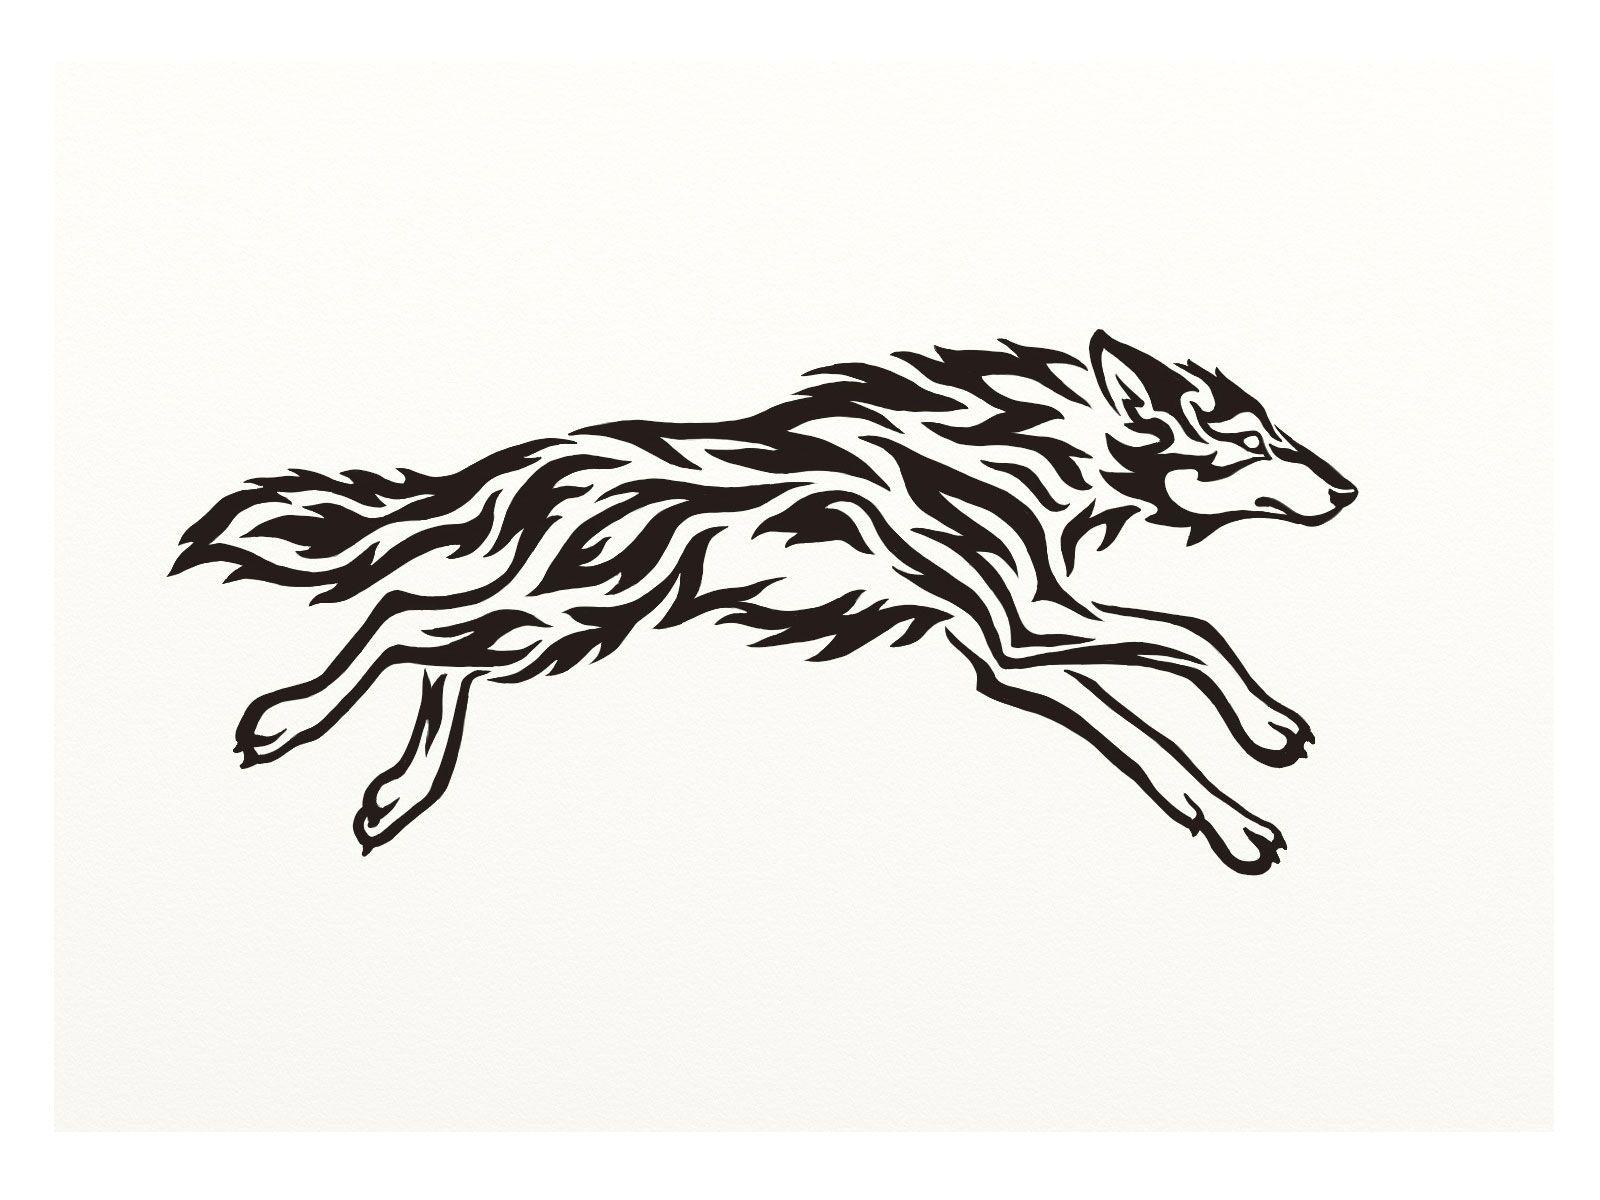 1600x1200 Running Wolf Silhouette